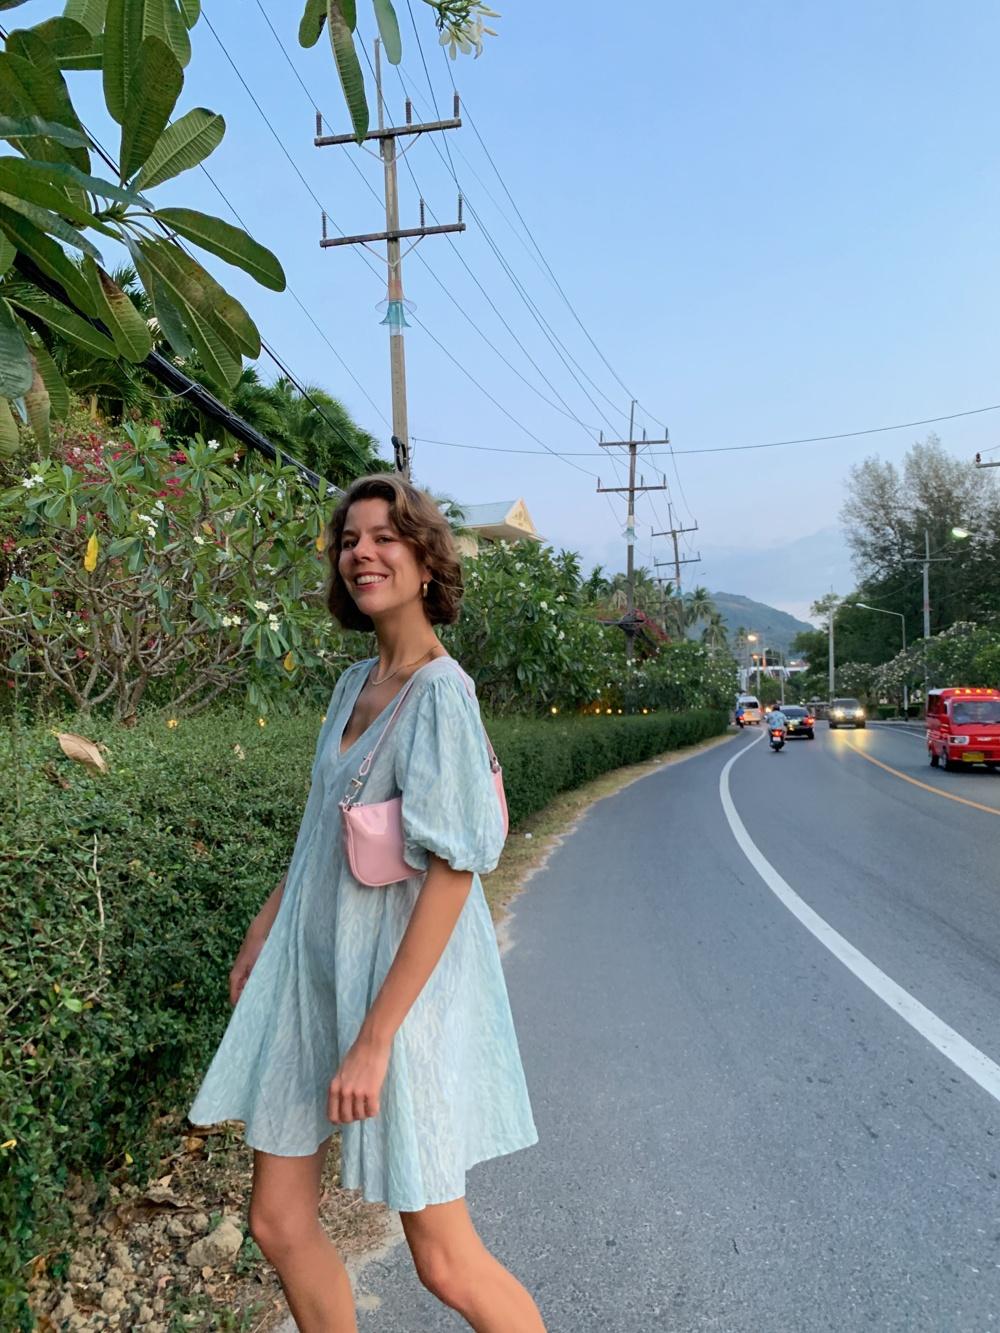 POSTKORT FRA THAILAND 9